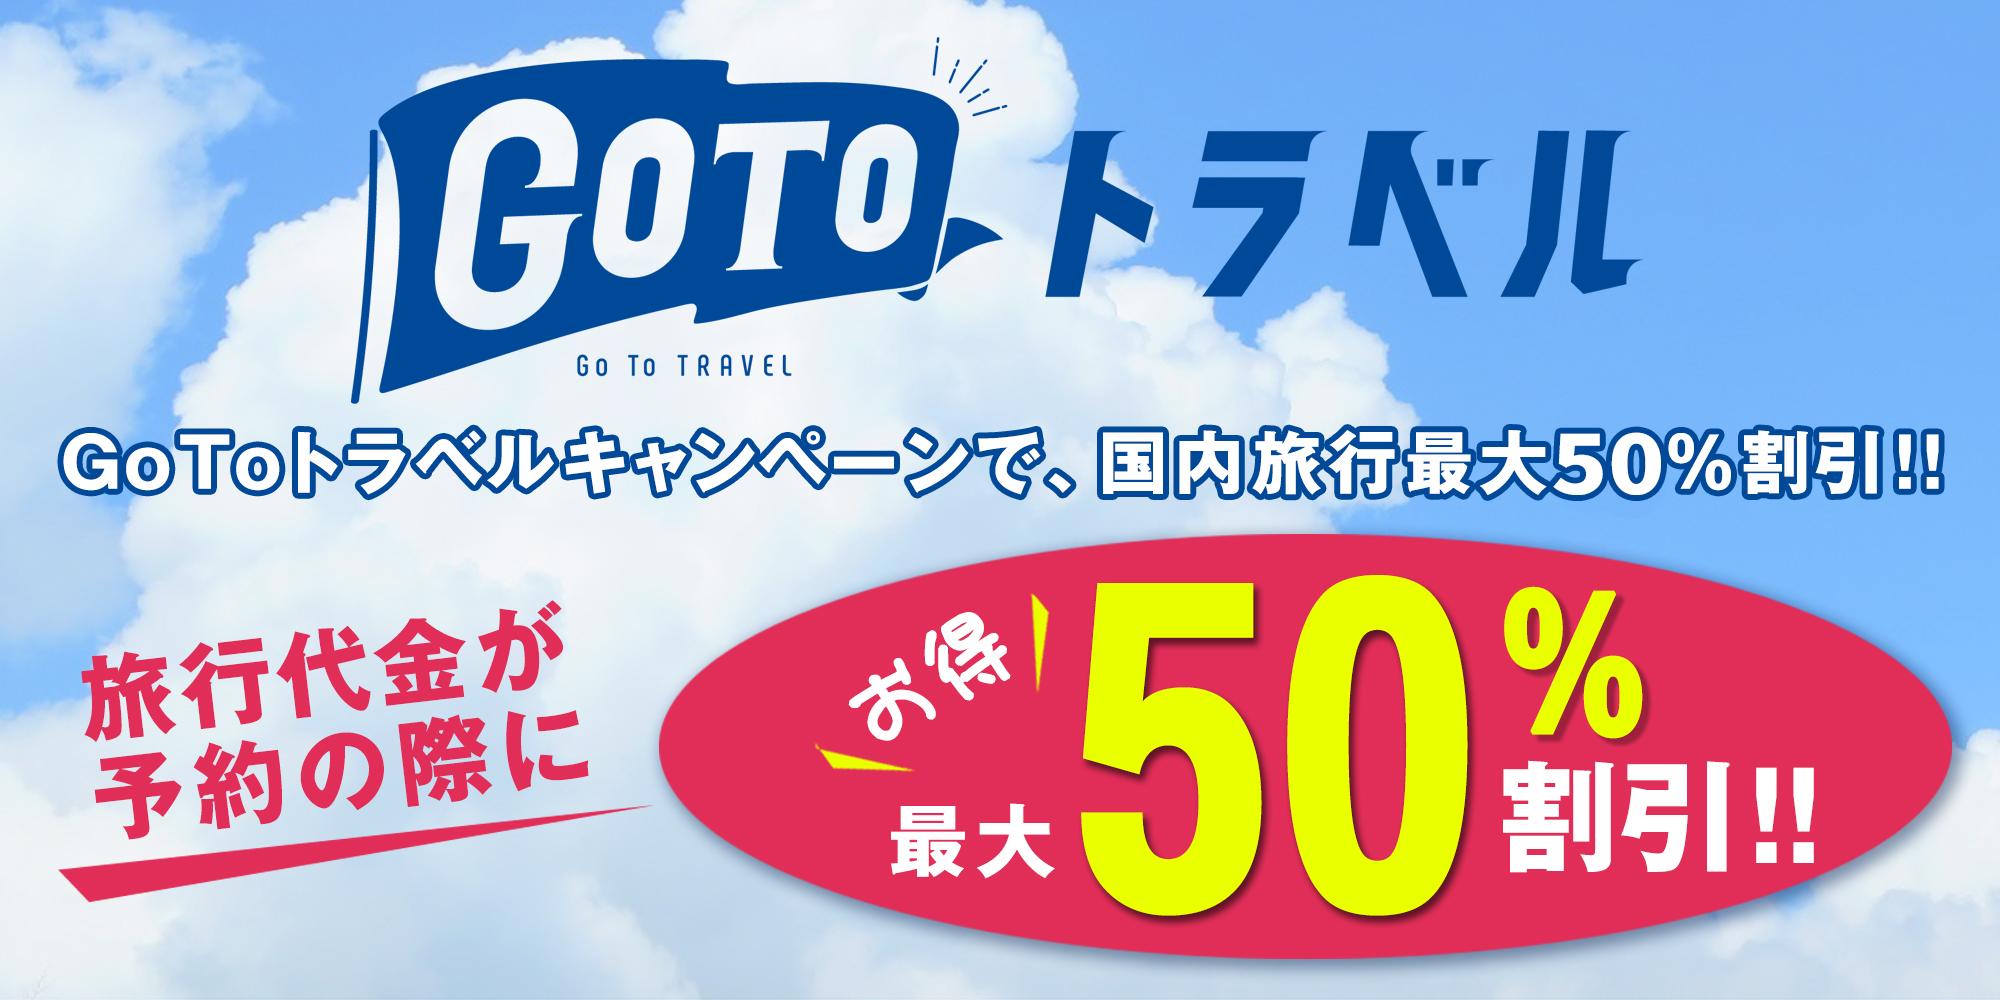 GoToトラベルキャンペーンで50%OFF!